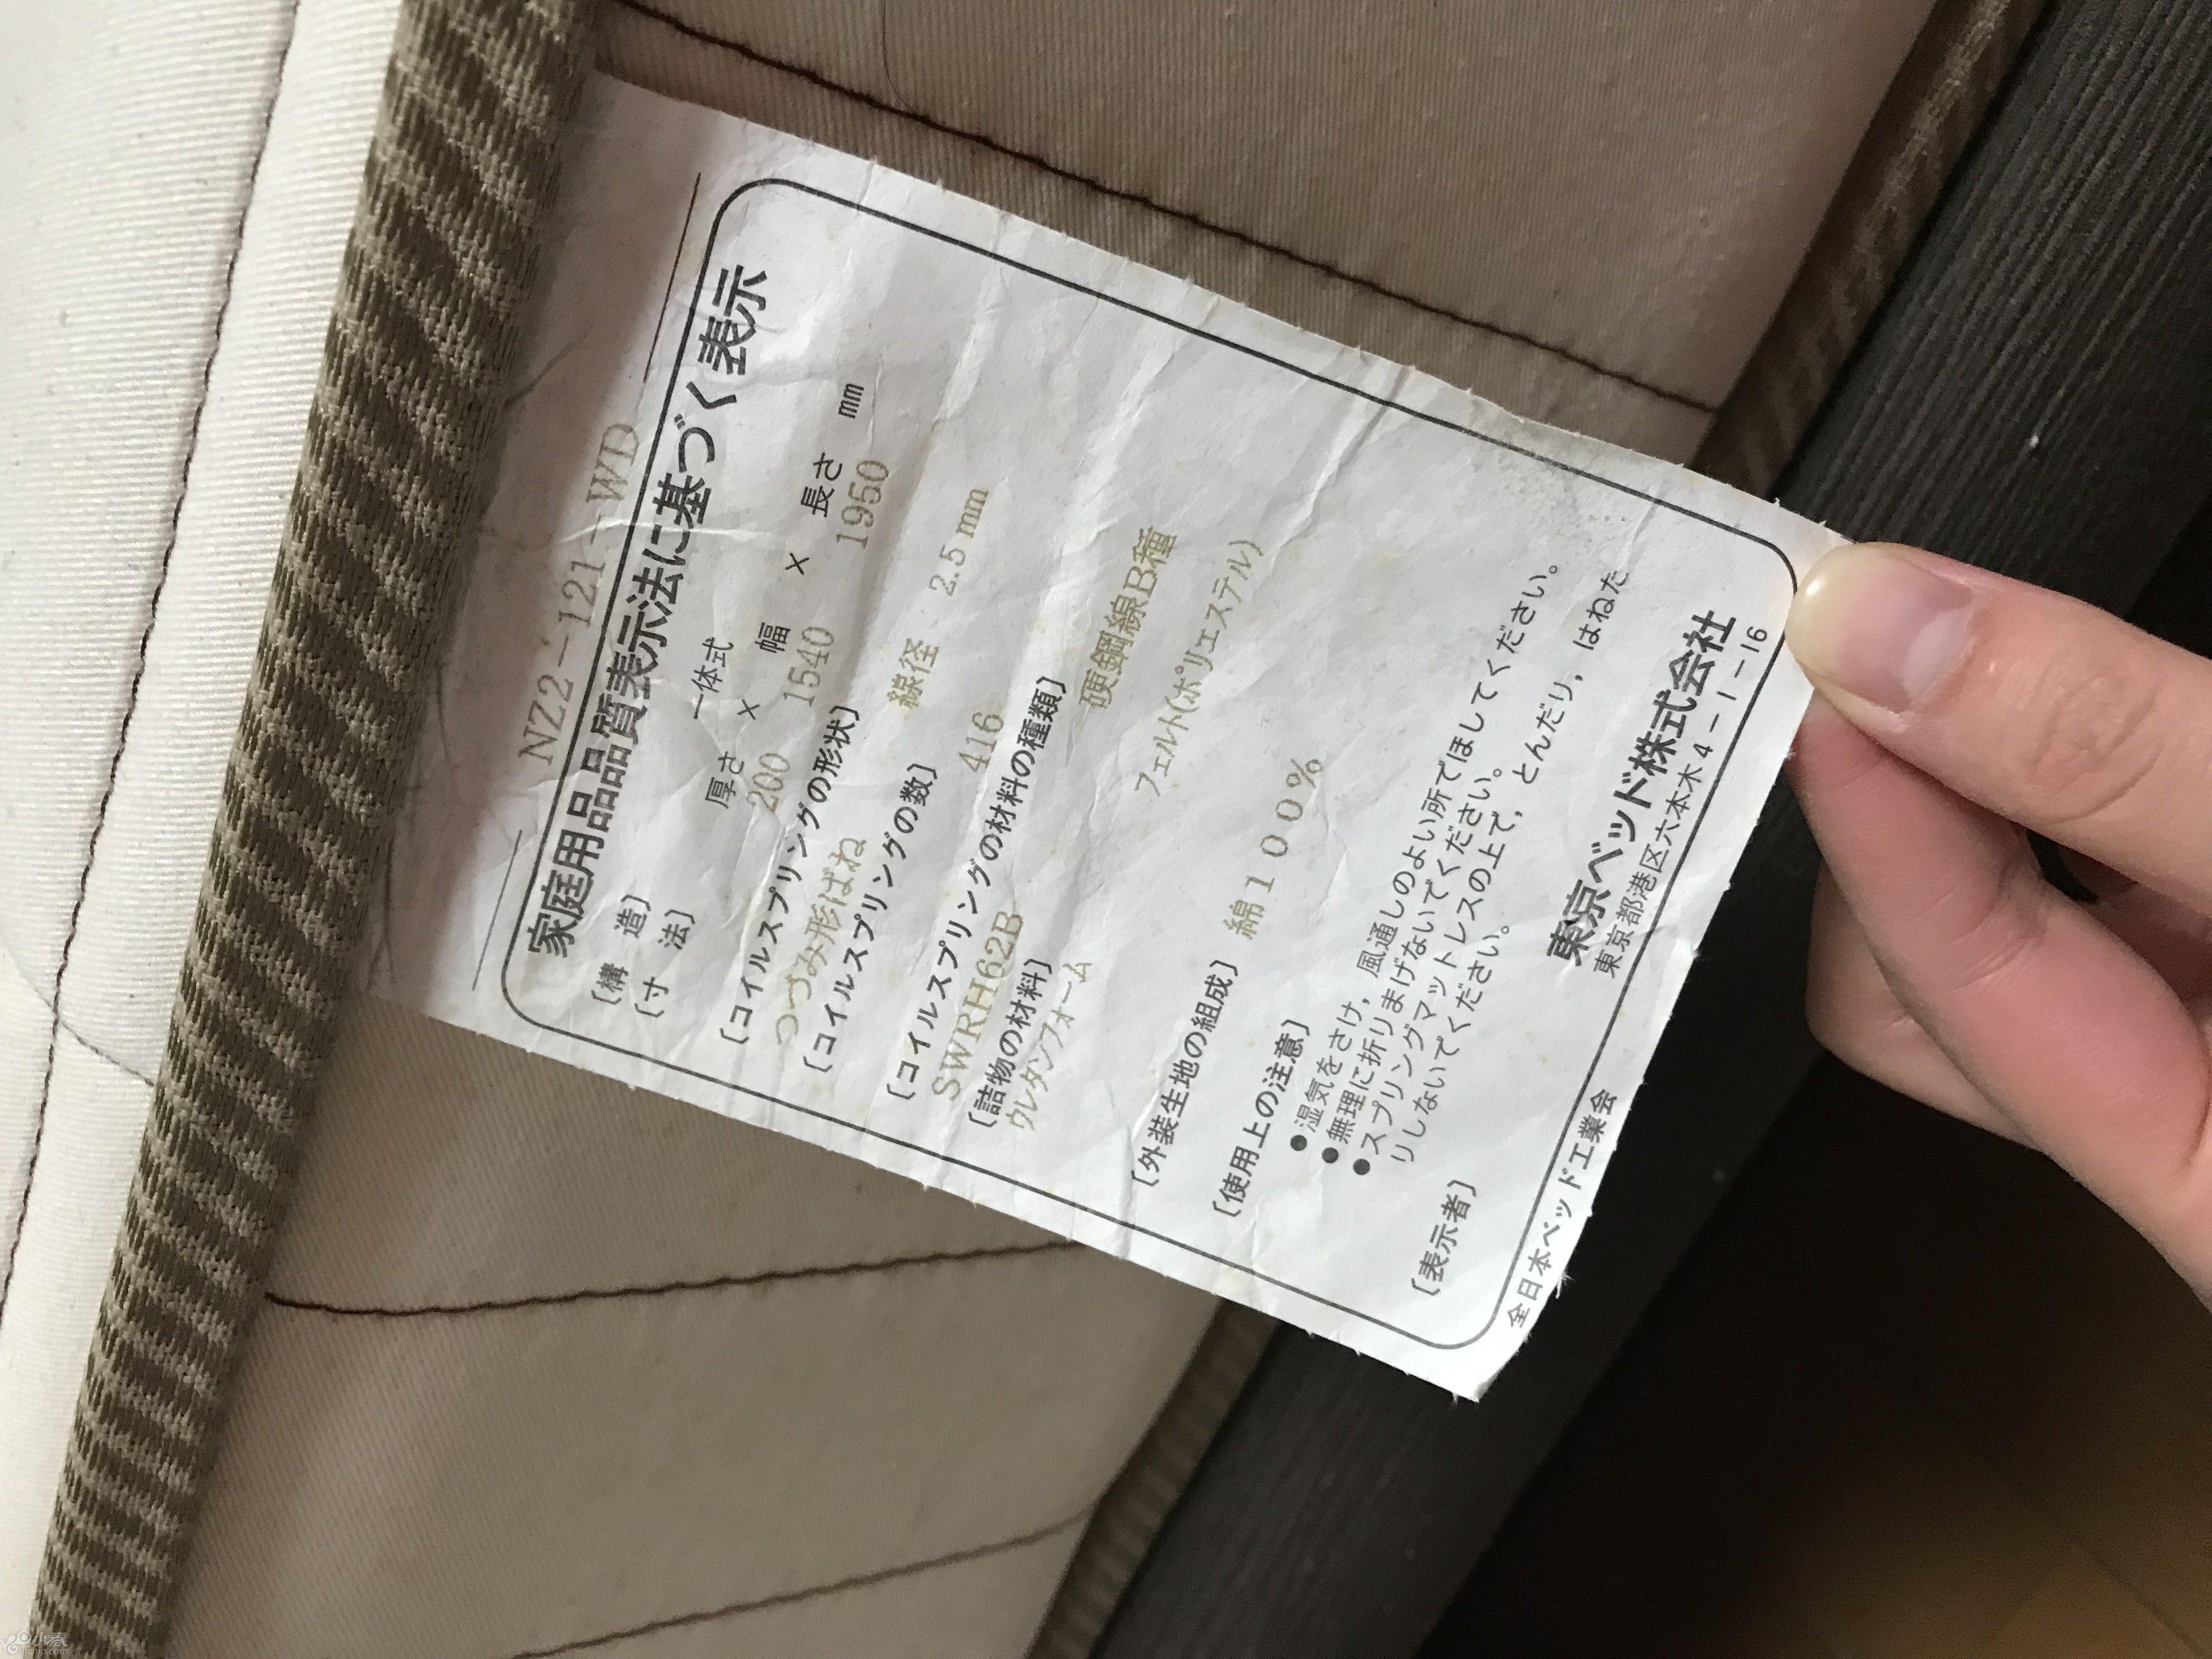 2F20468F-0096-4E06-B692-C1E93E39809C.jpeg